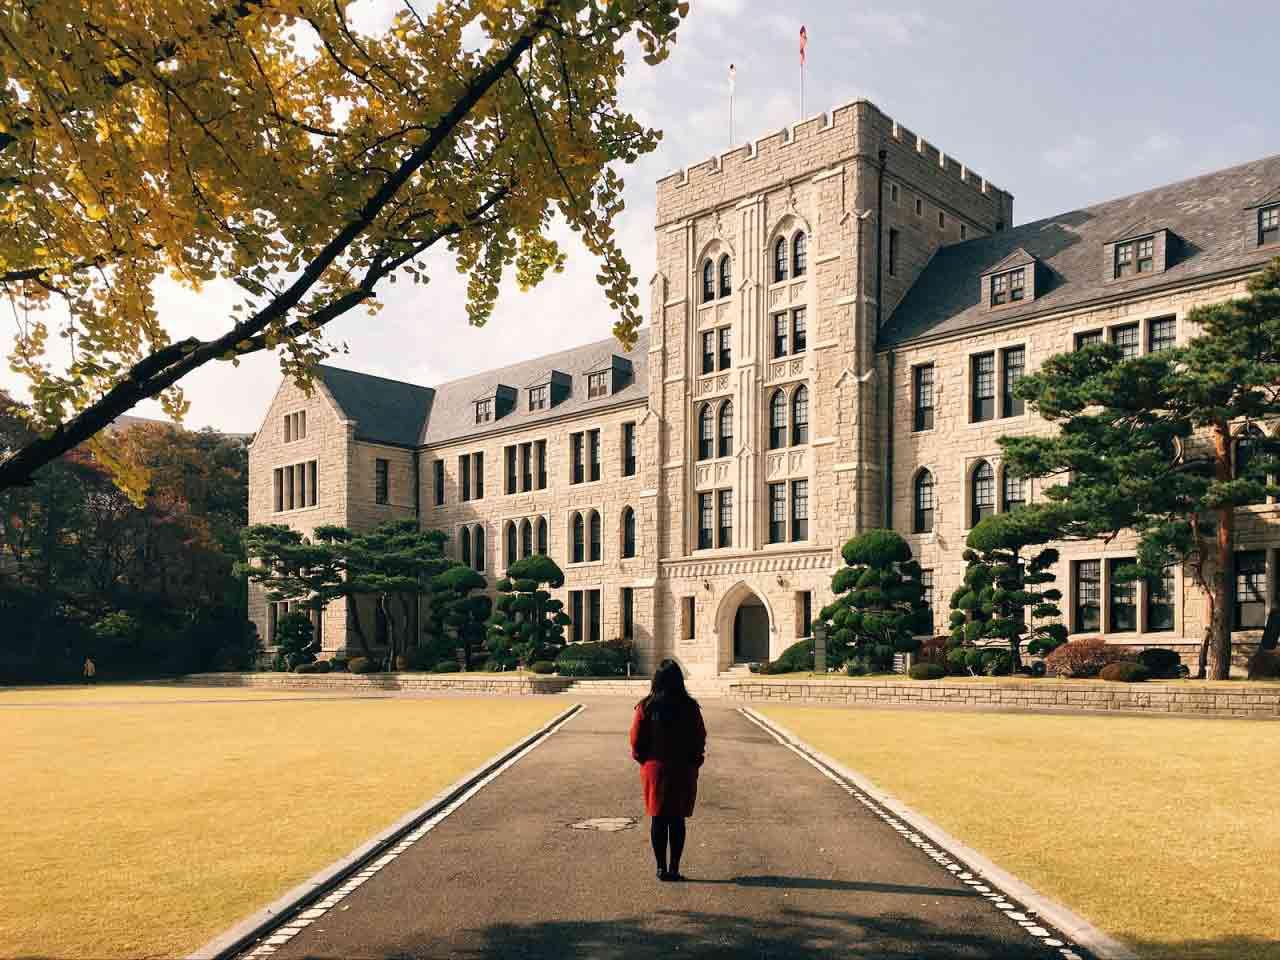 Университет Коре: факультеты, стипендия, языковые курсы